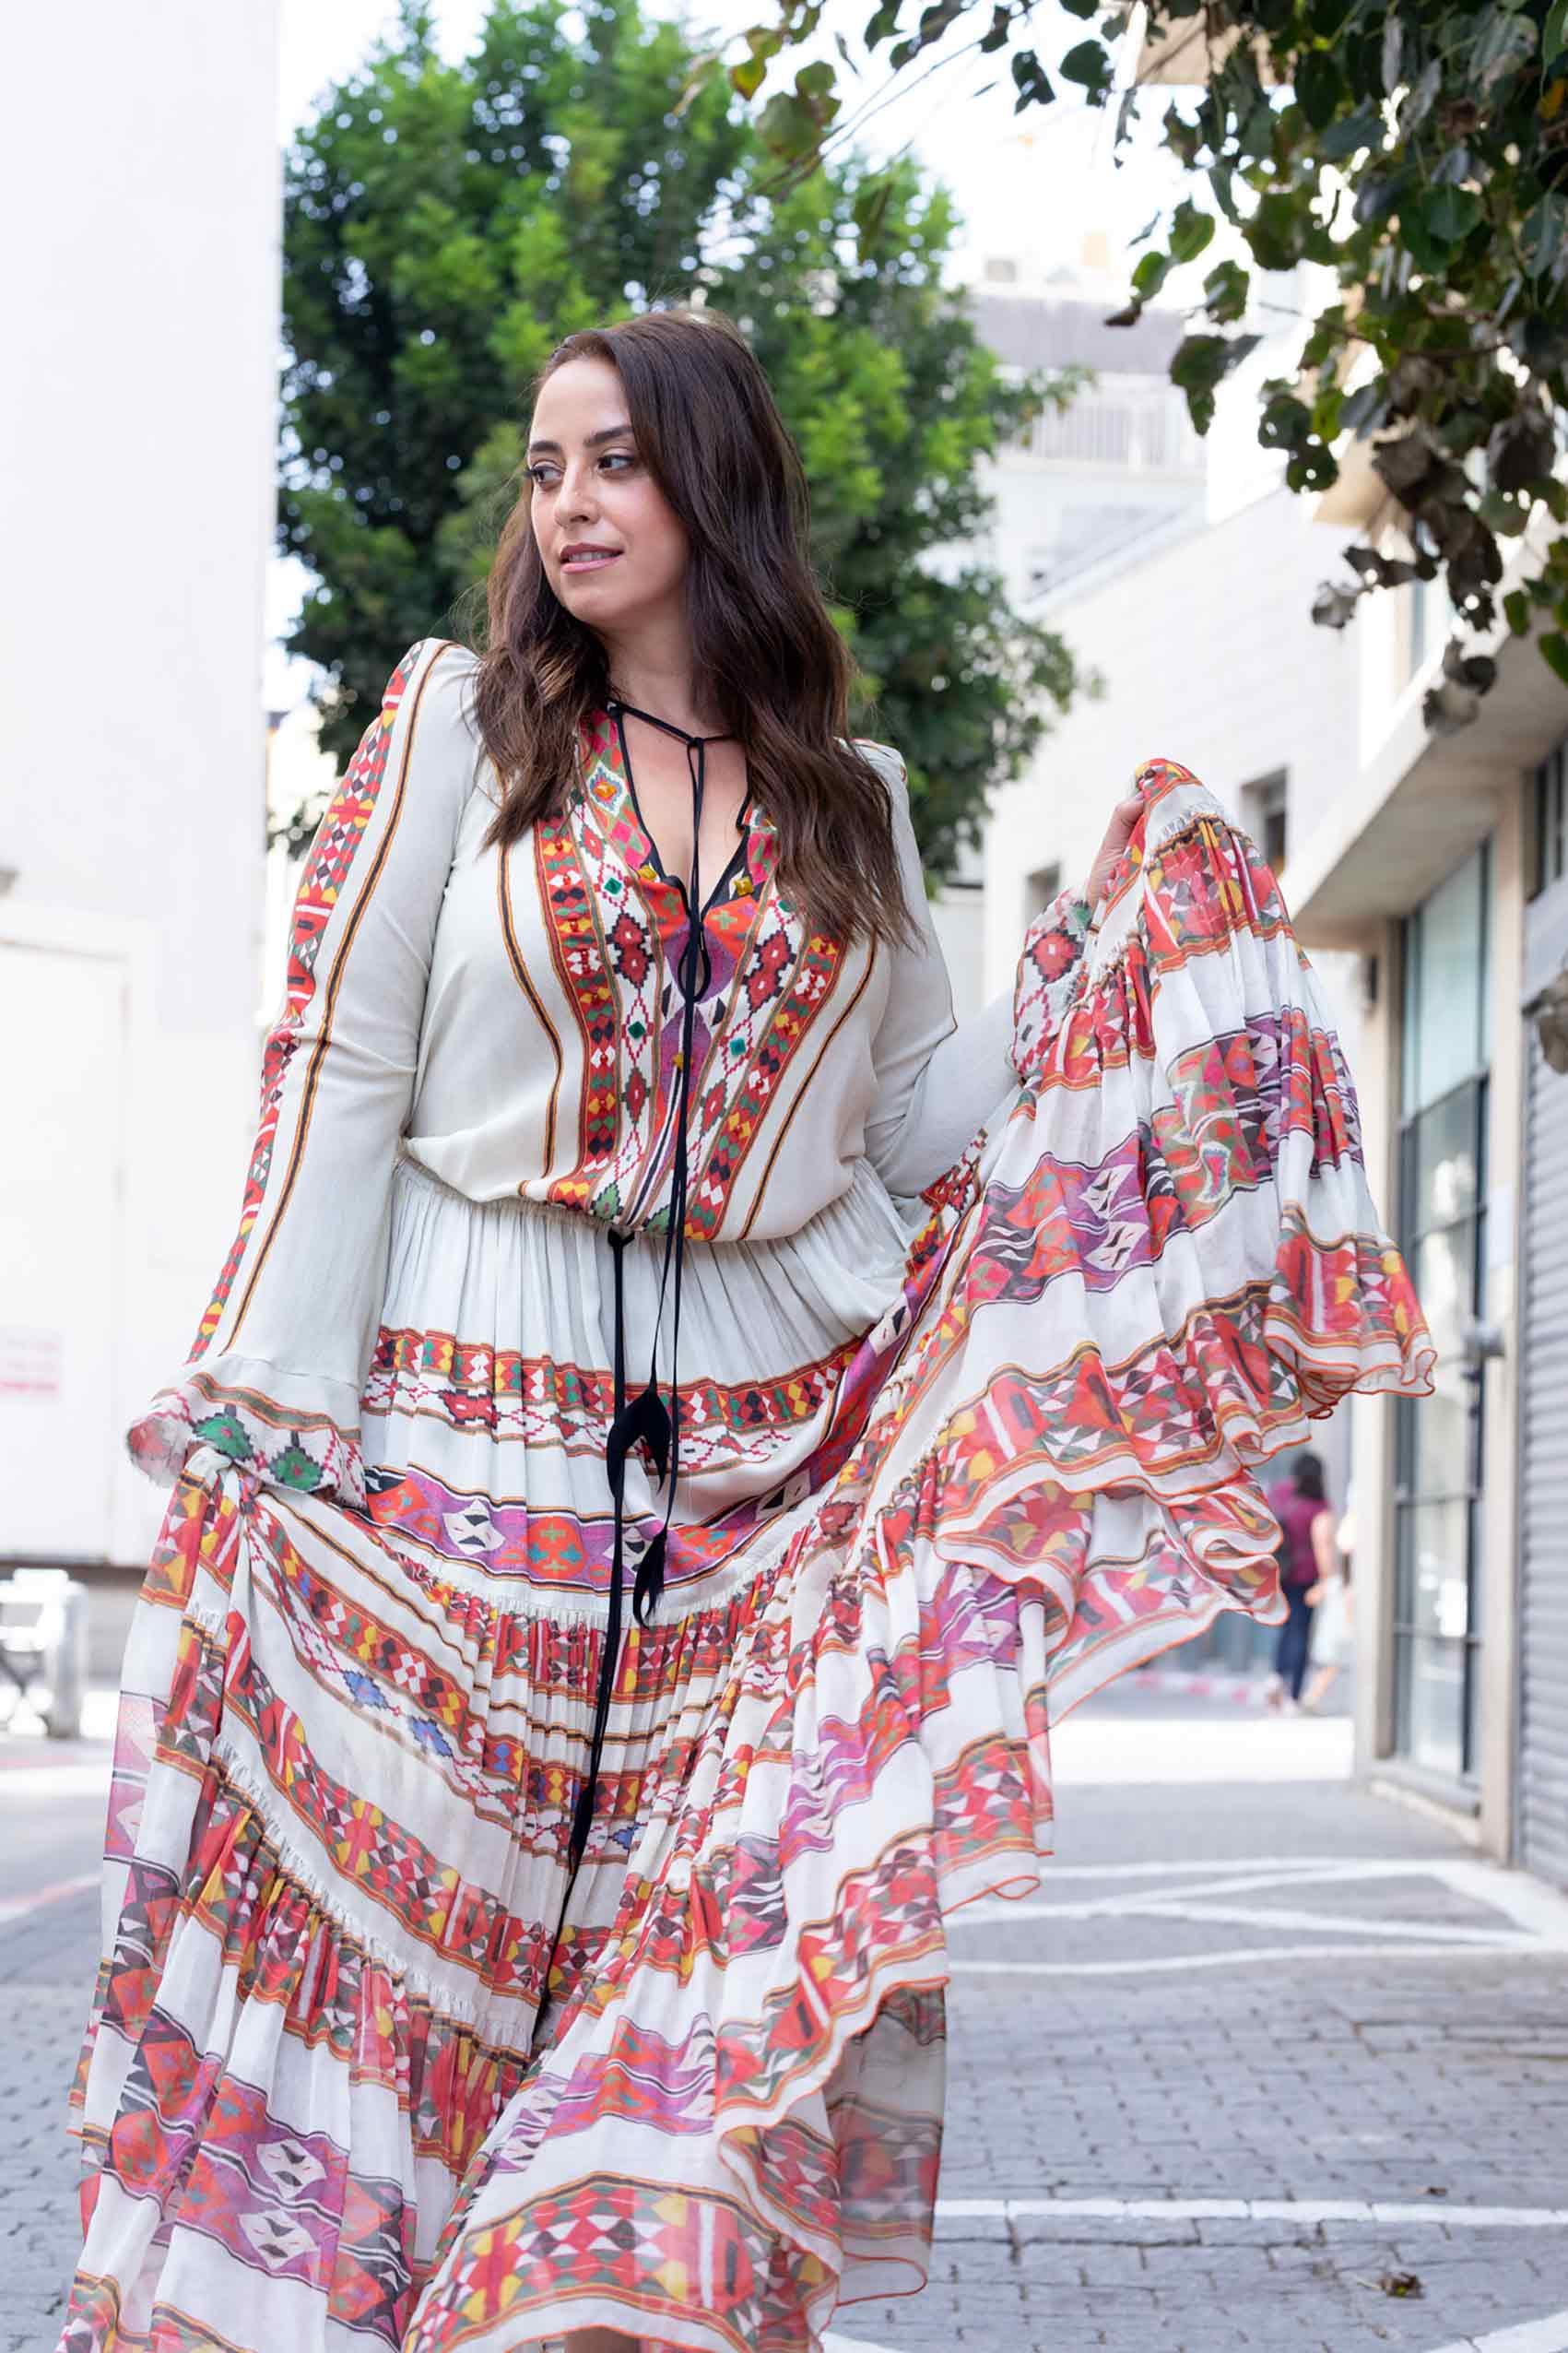 אופנה-טלי ארבל לובשת ויוי בלאיש, צילום: שלי פדן-לורבר-אופנה